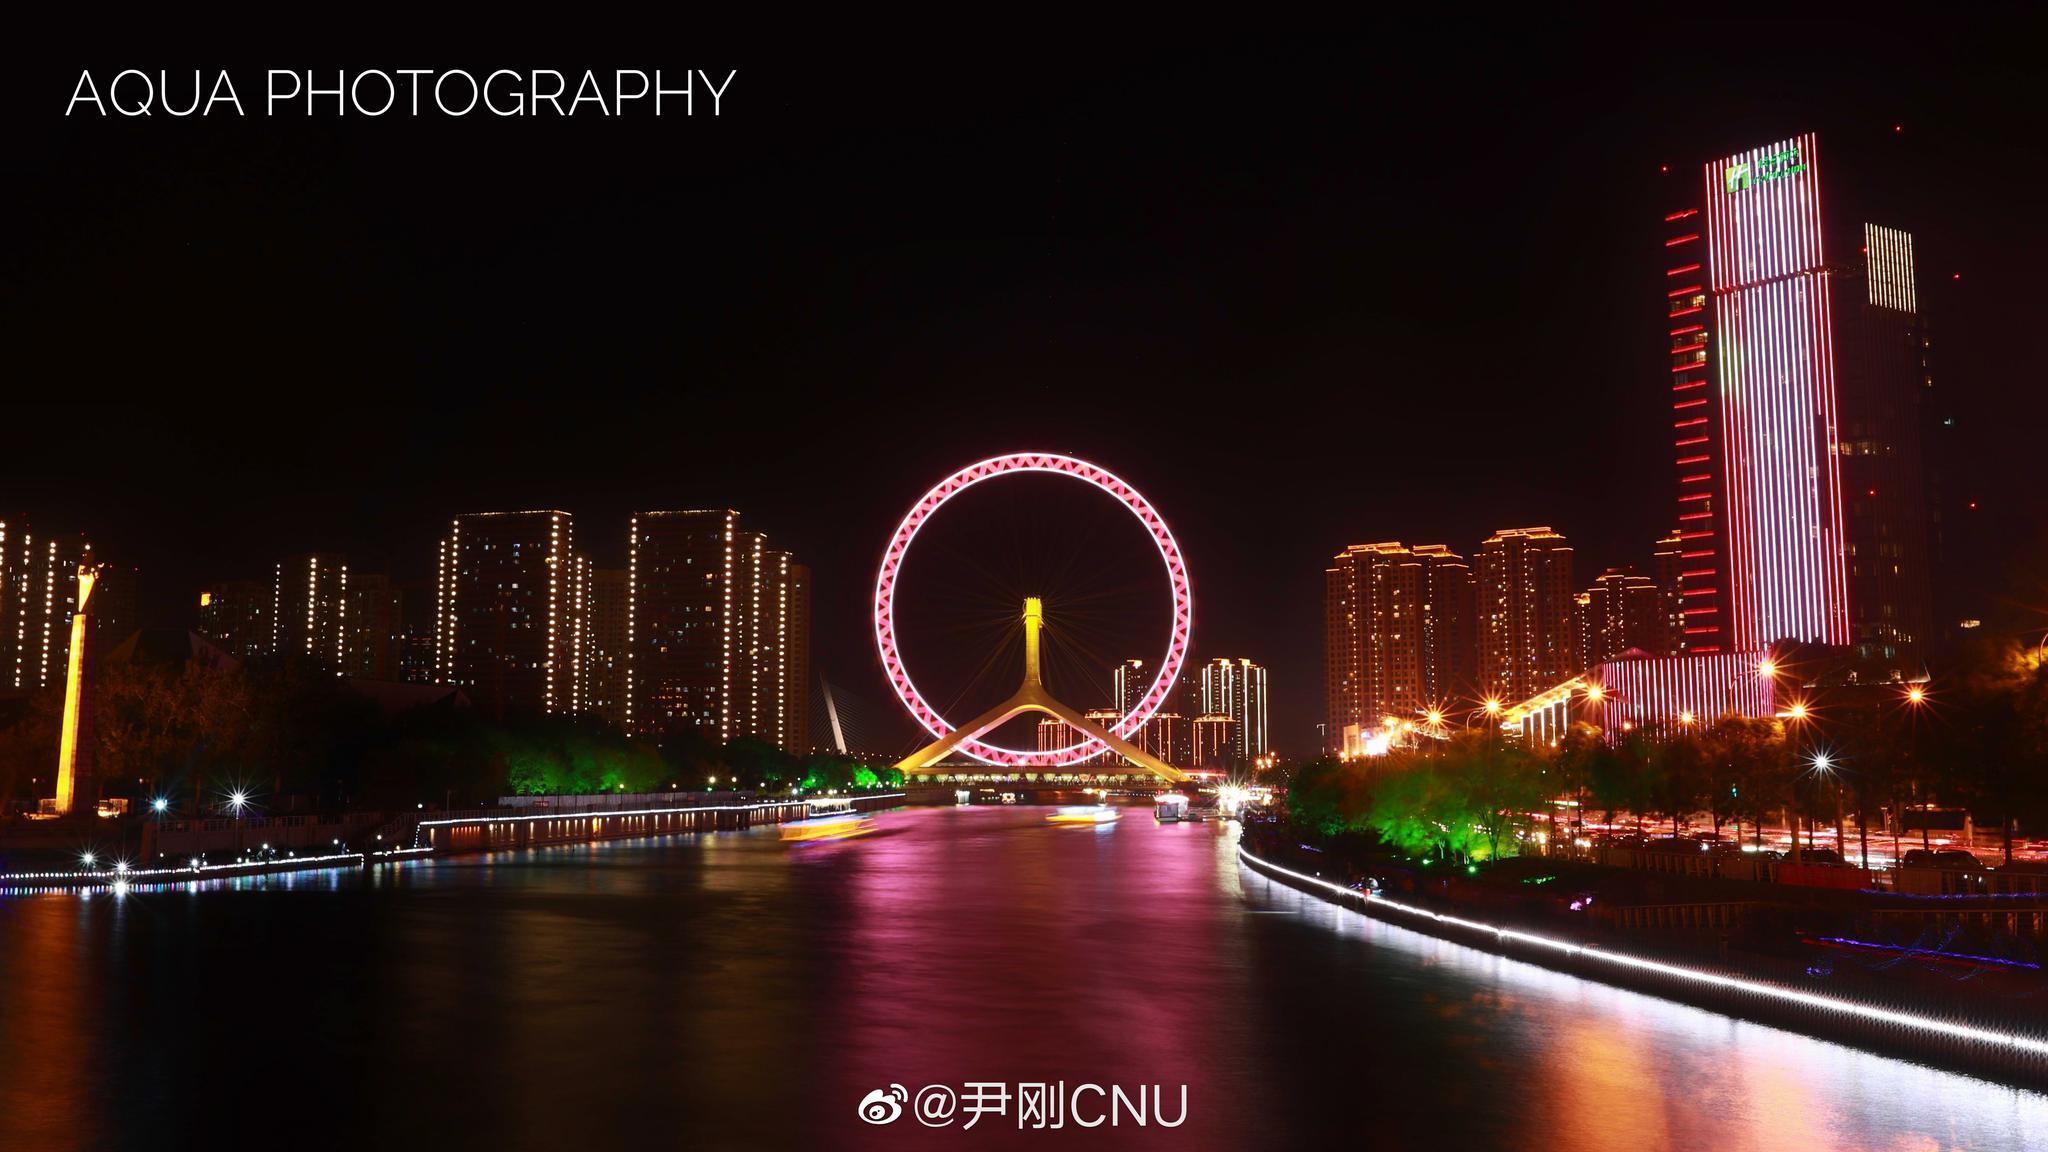 天津之眼学生票_夜晚的@天津之眼官方微博,可惜还是去晚了,天全黑了